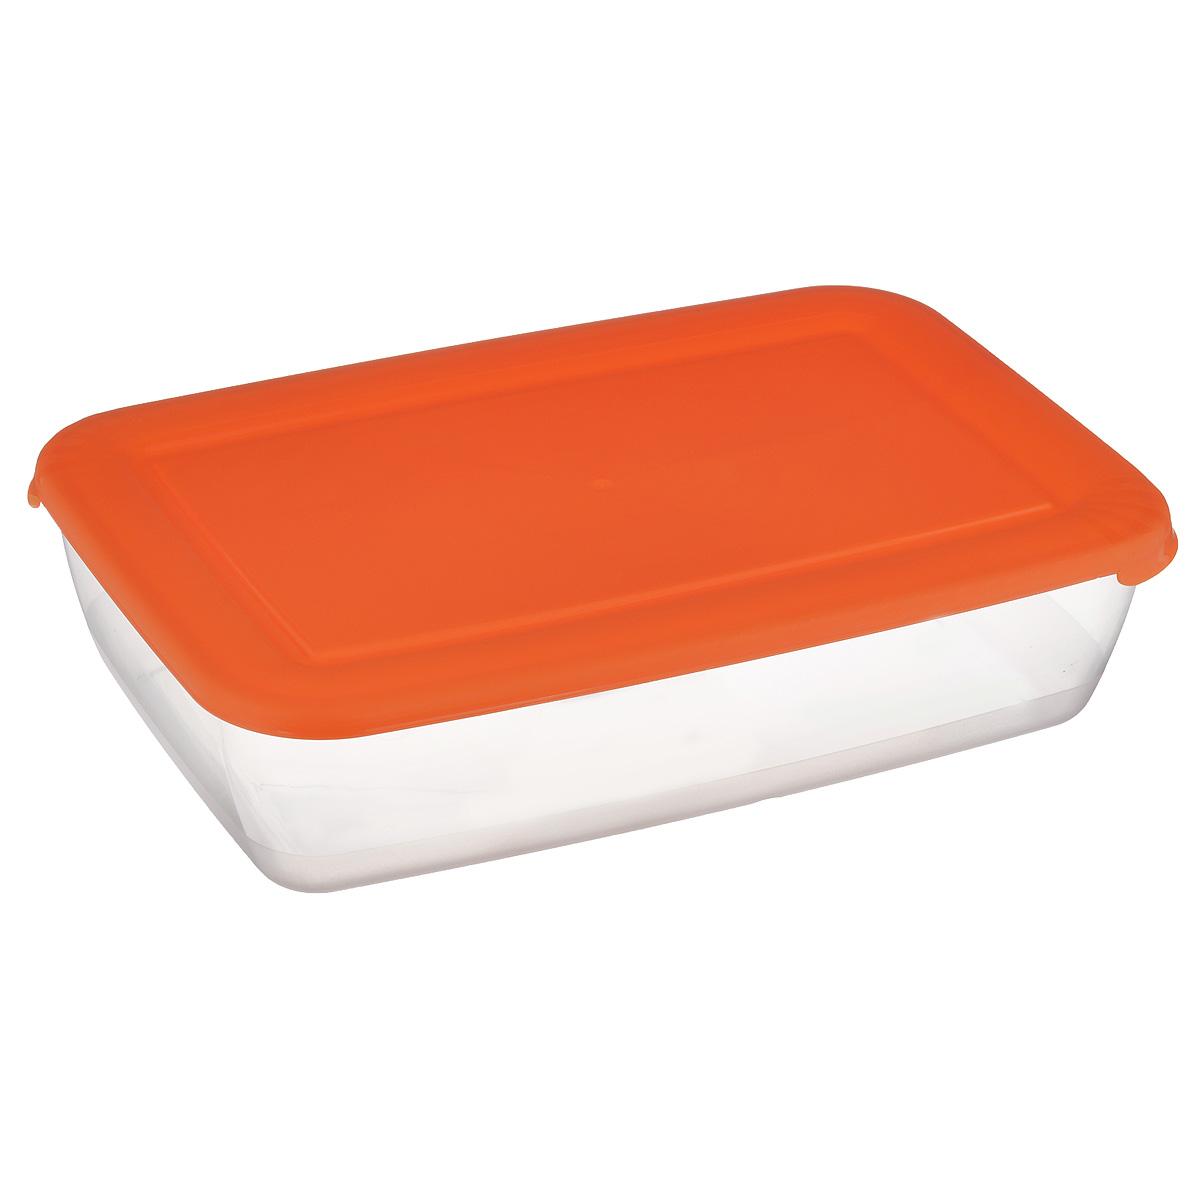 Контейнер Полимербыт Лайт, цвет: оранжевый, 3 лС554 оранжевыйКонтейнер Лайт изготовлен из высококачественного пищевого прозрачного пластика и оснащен крышкой. Подходит для использования в микроволновой печи без крышки (до +120°С), для заморозки при минимальной температуре -40°С. Можно мыть в посудомоечной машине.